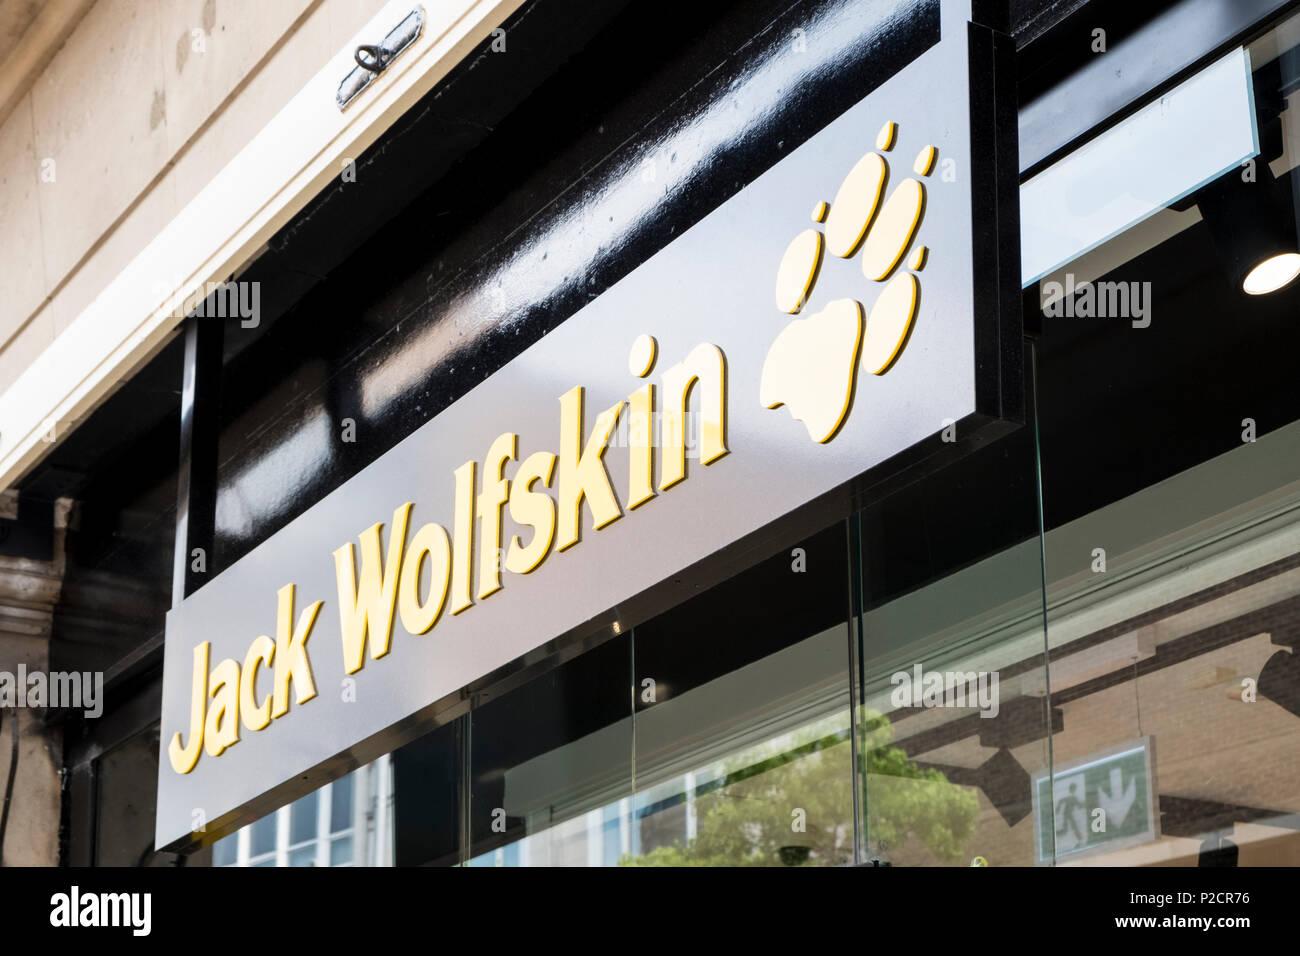 d3b7bde9c1e1d8 Jack Wolfskin